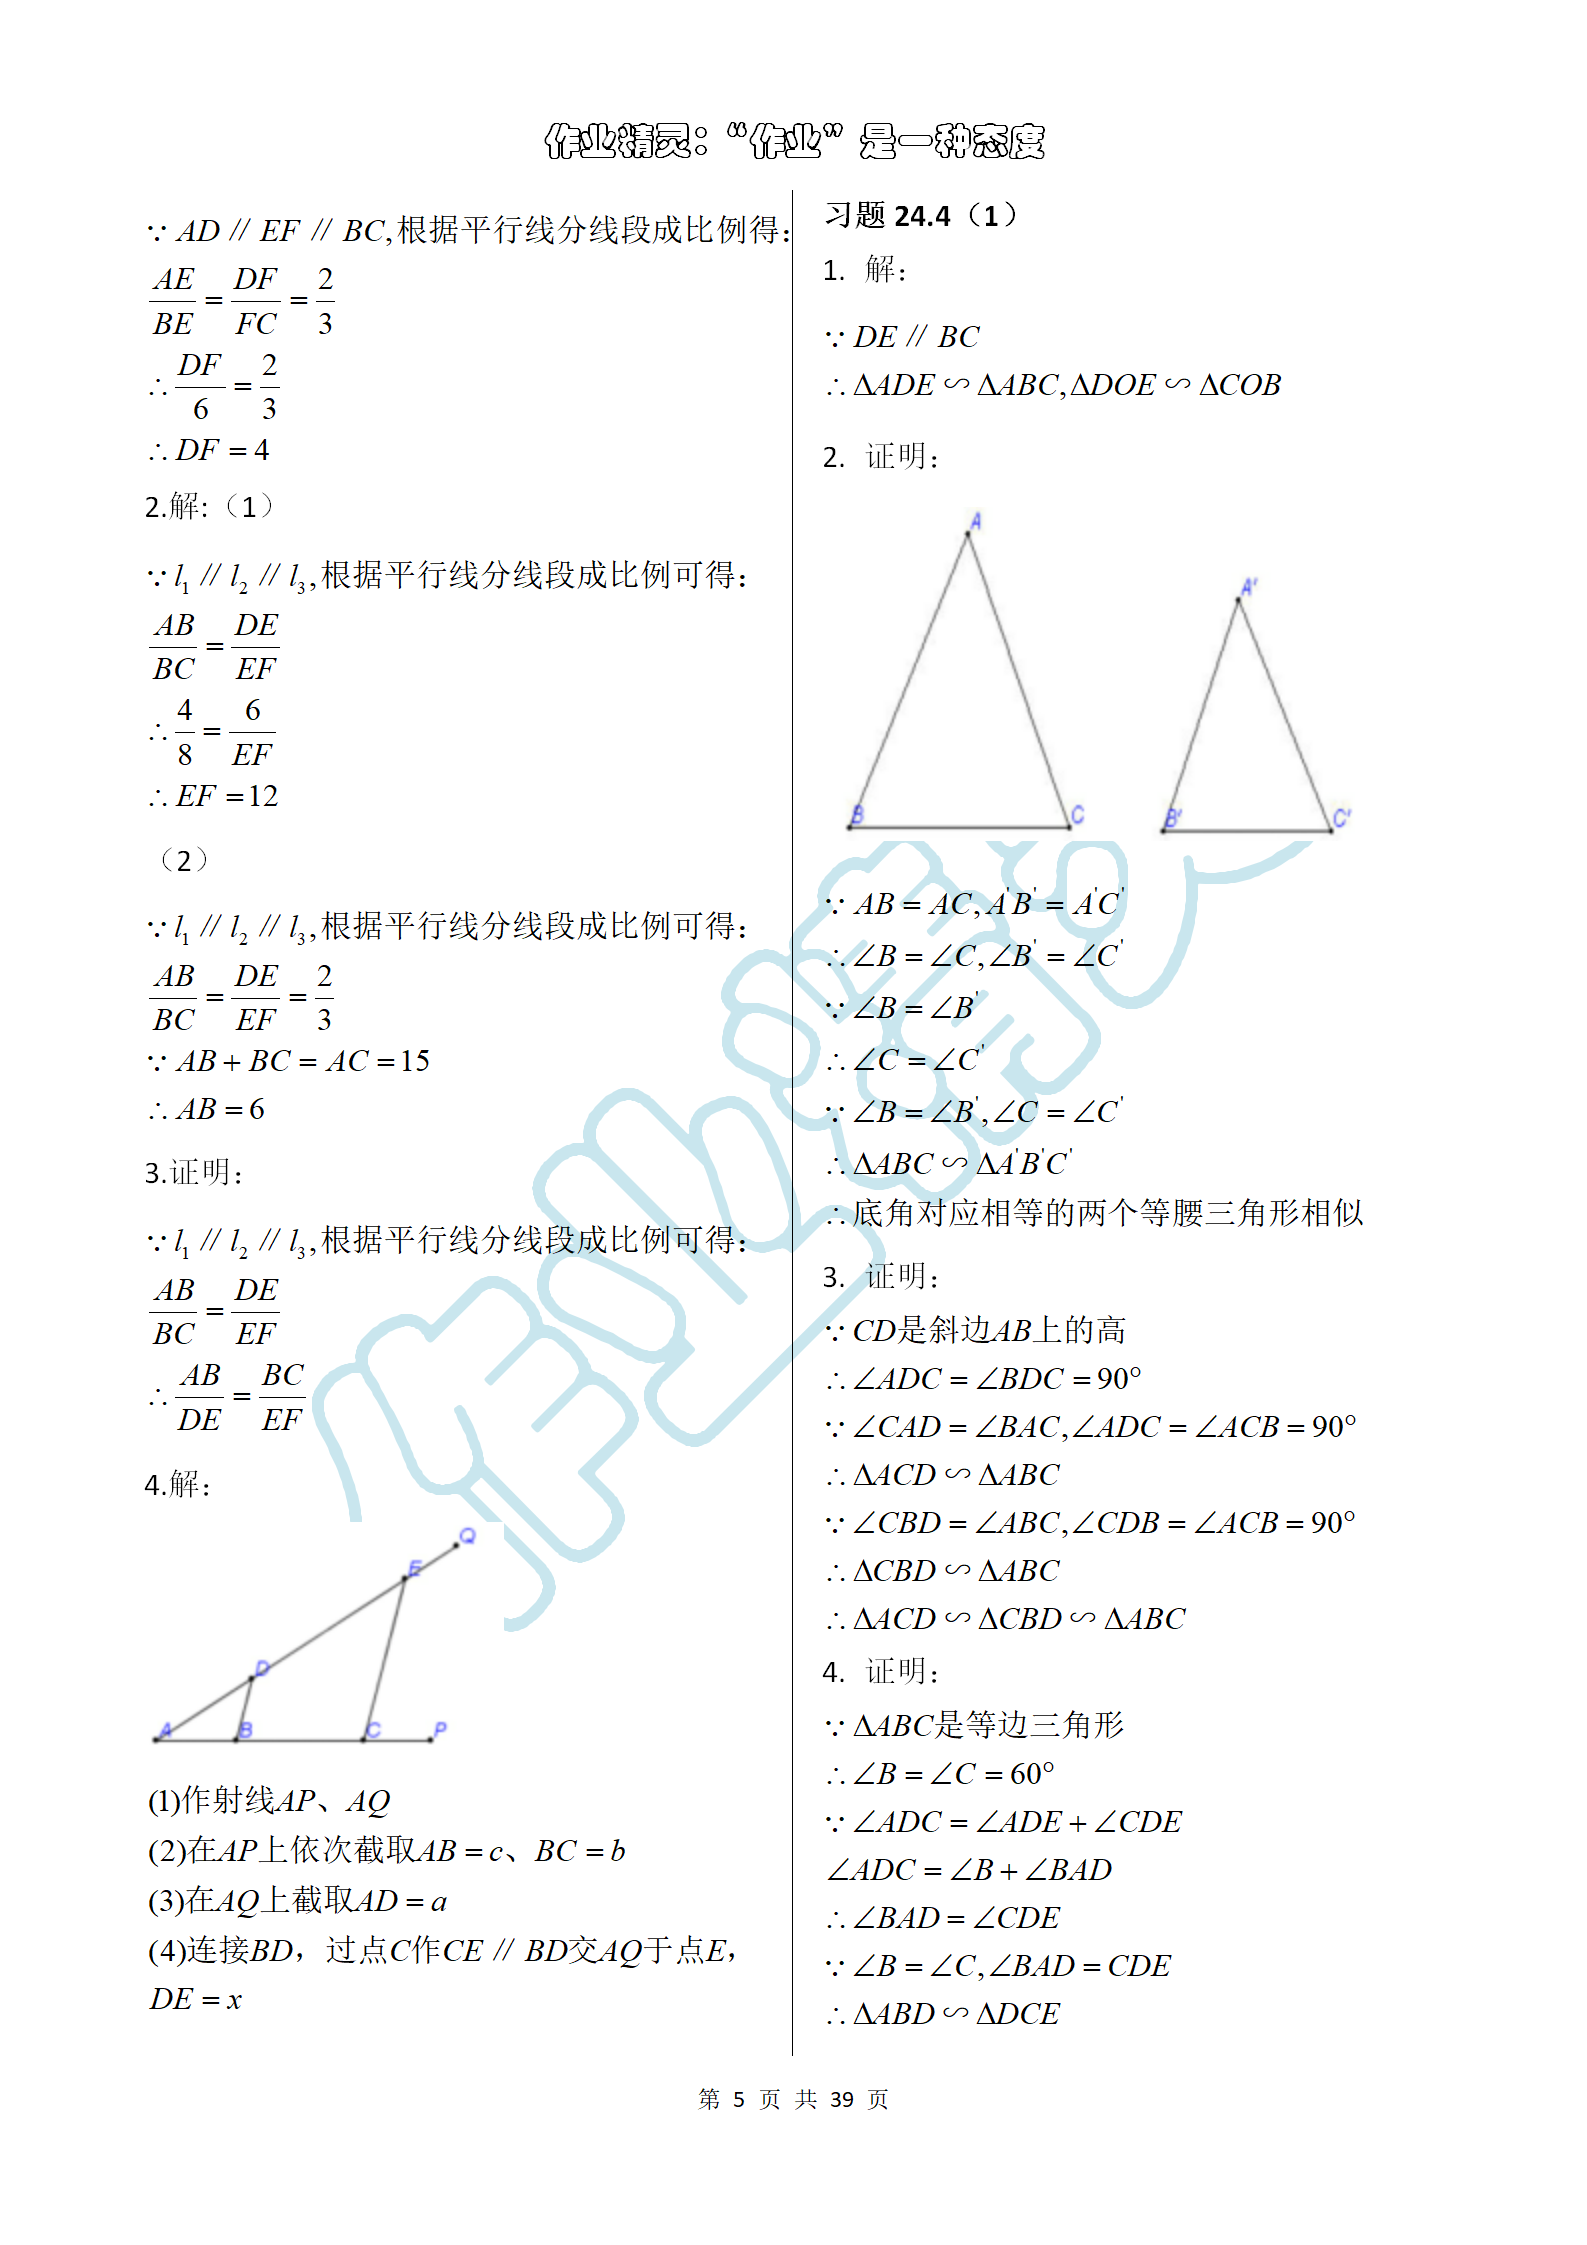 2019年数学练习部分九年级第一学期沪教版第5页